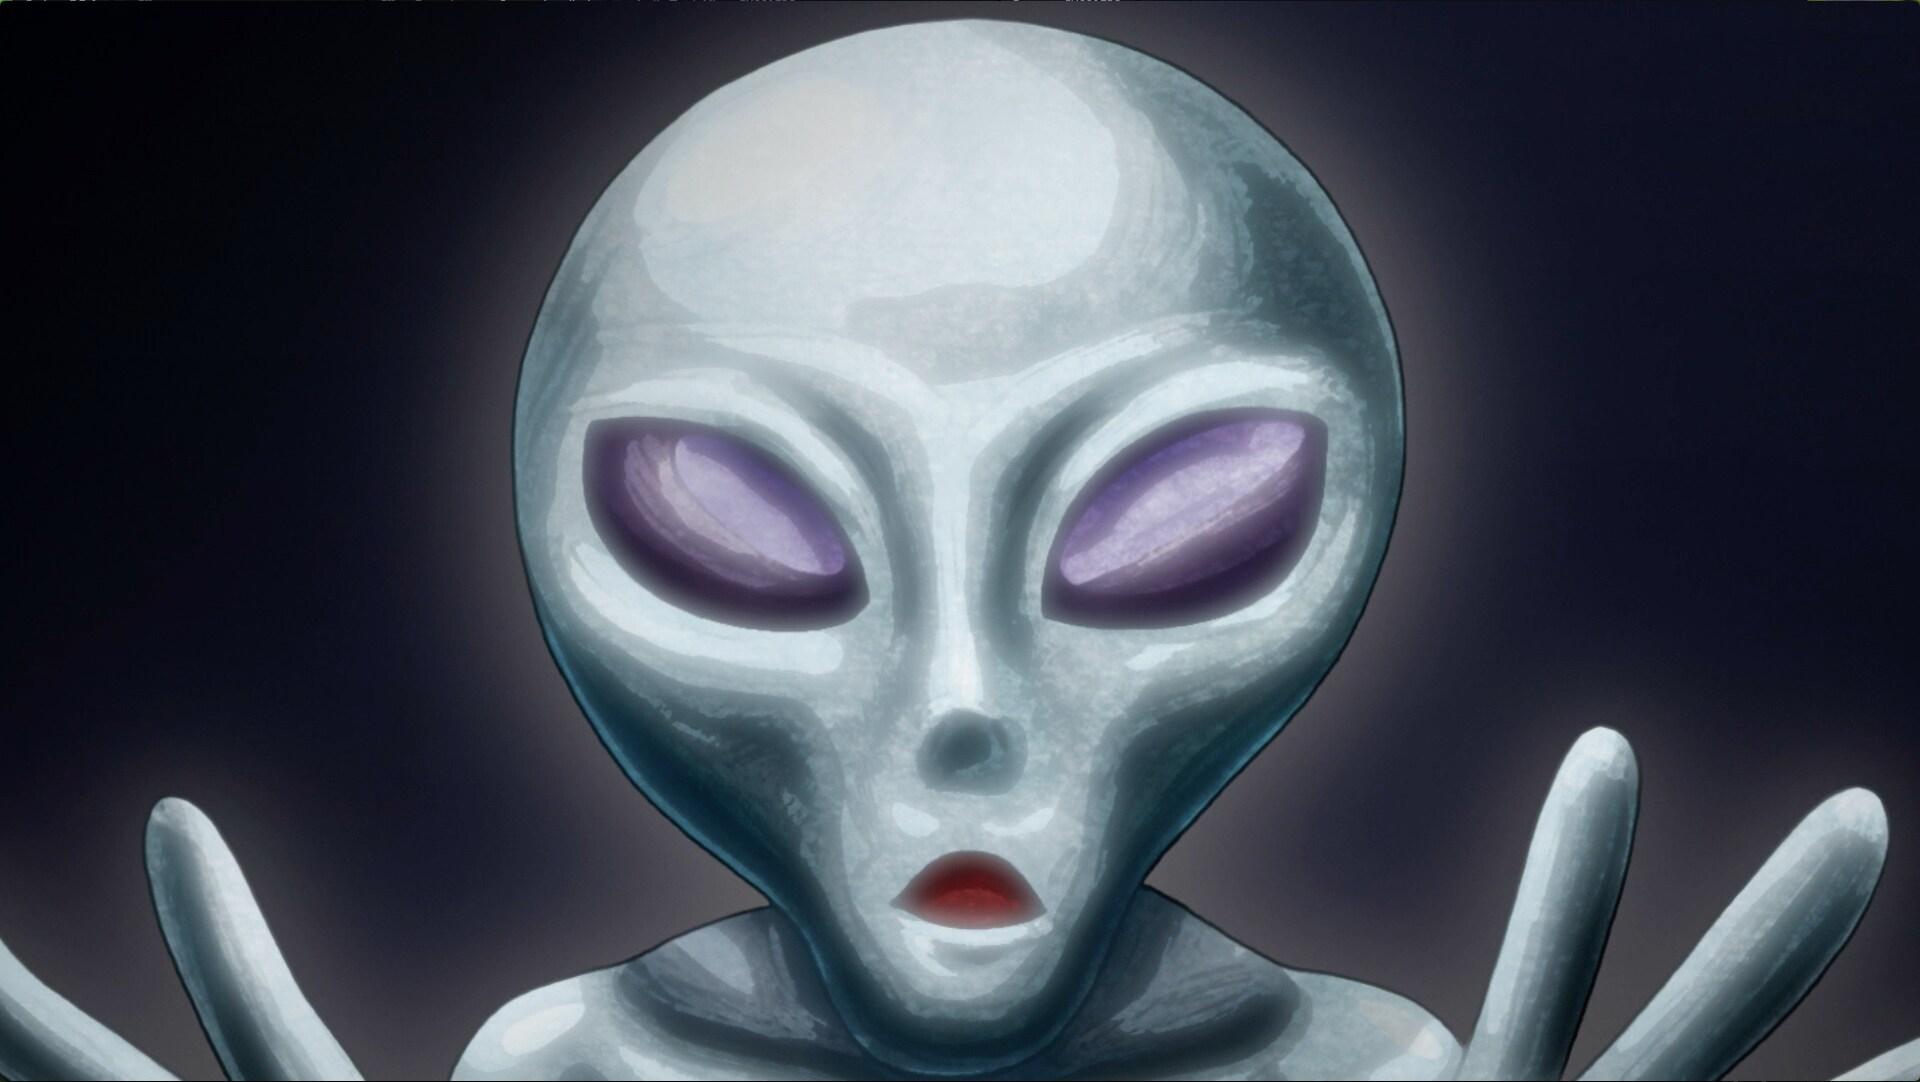 ¡Alien gris! ¡La verdad que no quieren que veas revelada! - Yo-Kai Watch